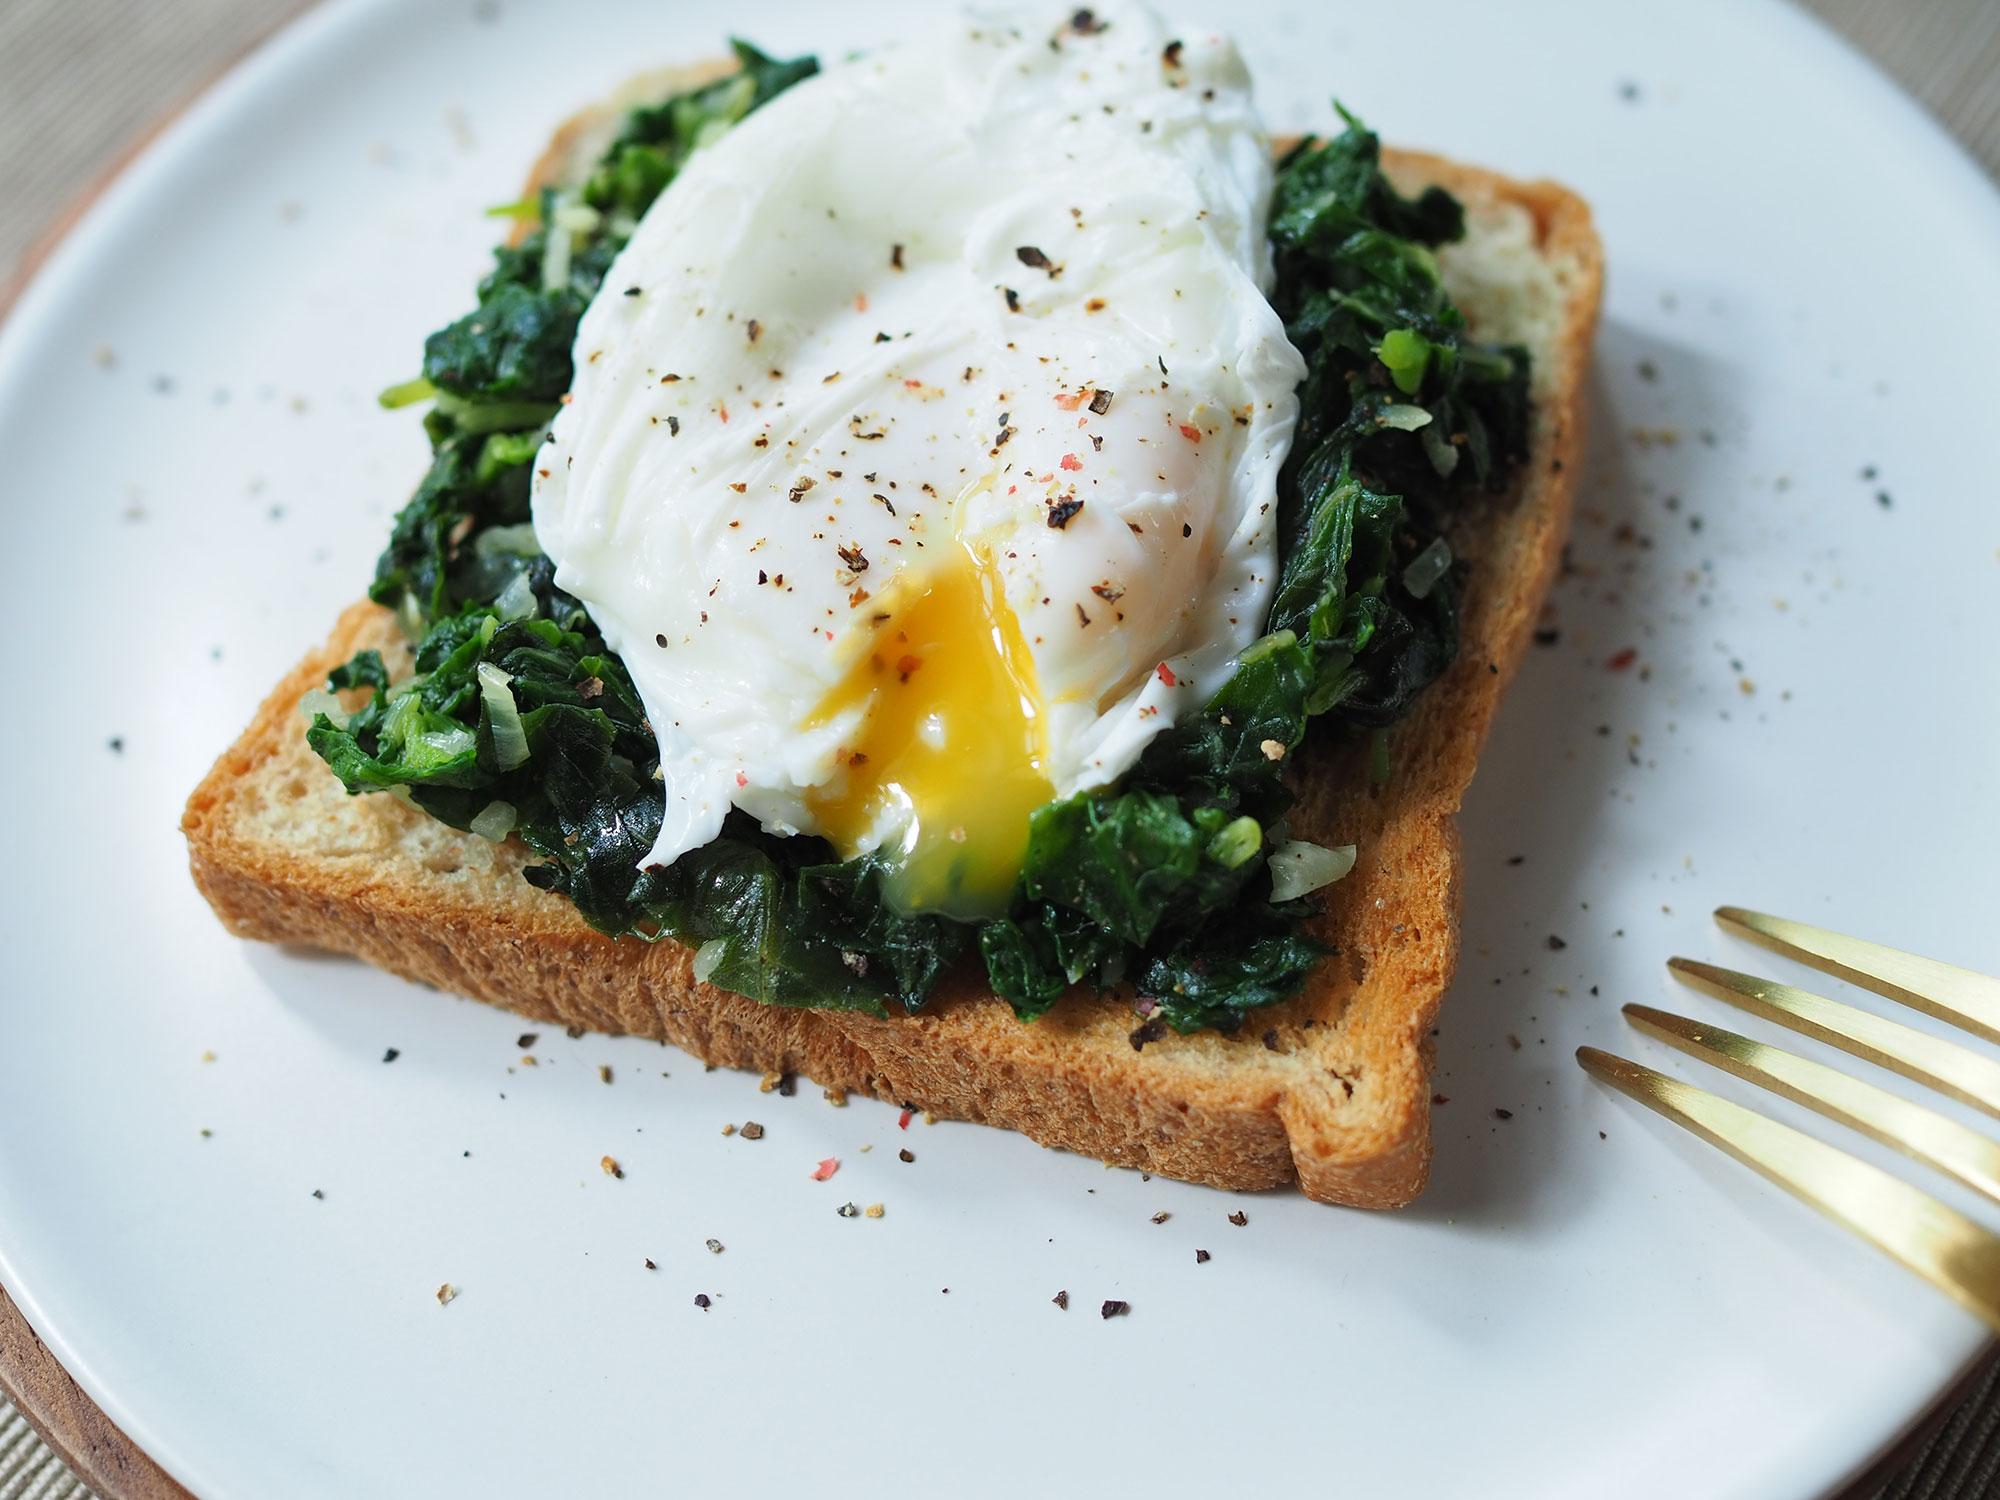 Los huevos siempre han tenido fama de ser una buena cura para las resacas. Foto: Shutterstock.